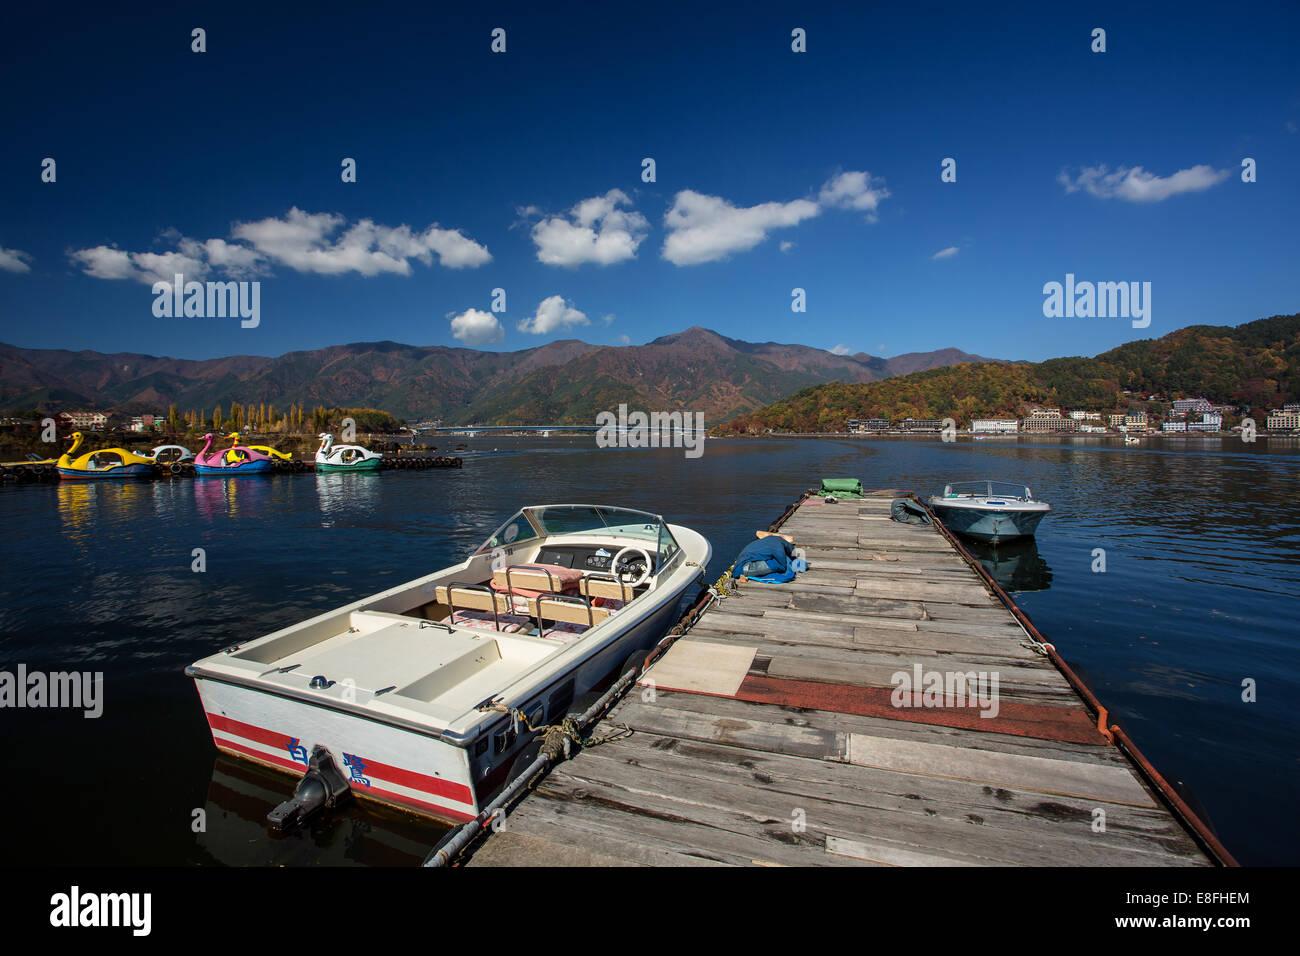 Japan, Chubu Region, Tagata, Fujiyoshida, Water transportation at Kawaguchi Lake - Stock Image